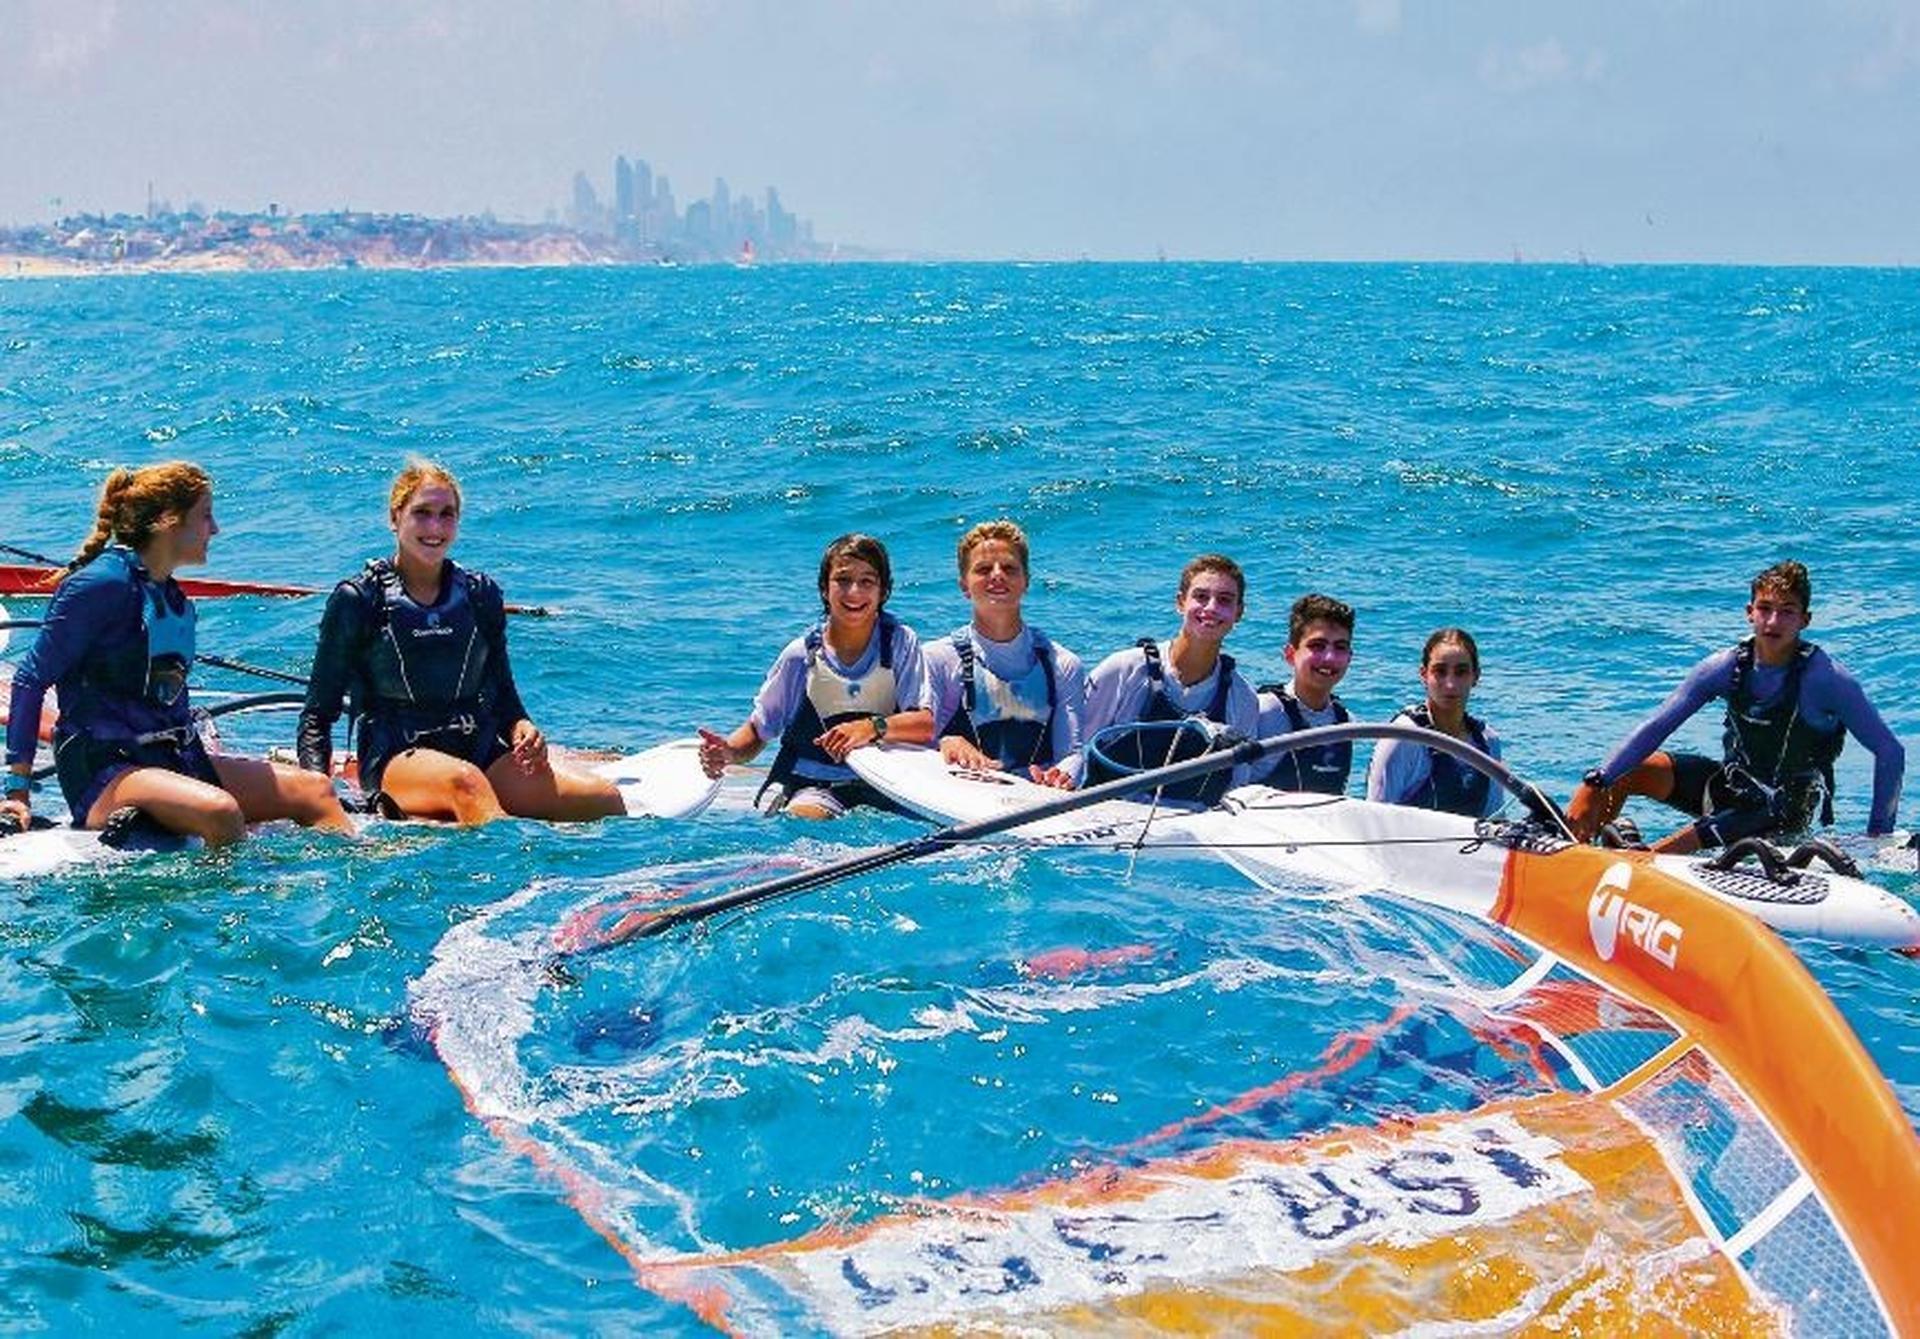 הנציגים הישראלים באליפות אירופה בגלישה   צילום: נמרוד גליקמן